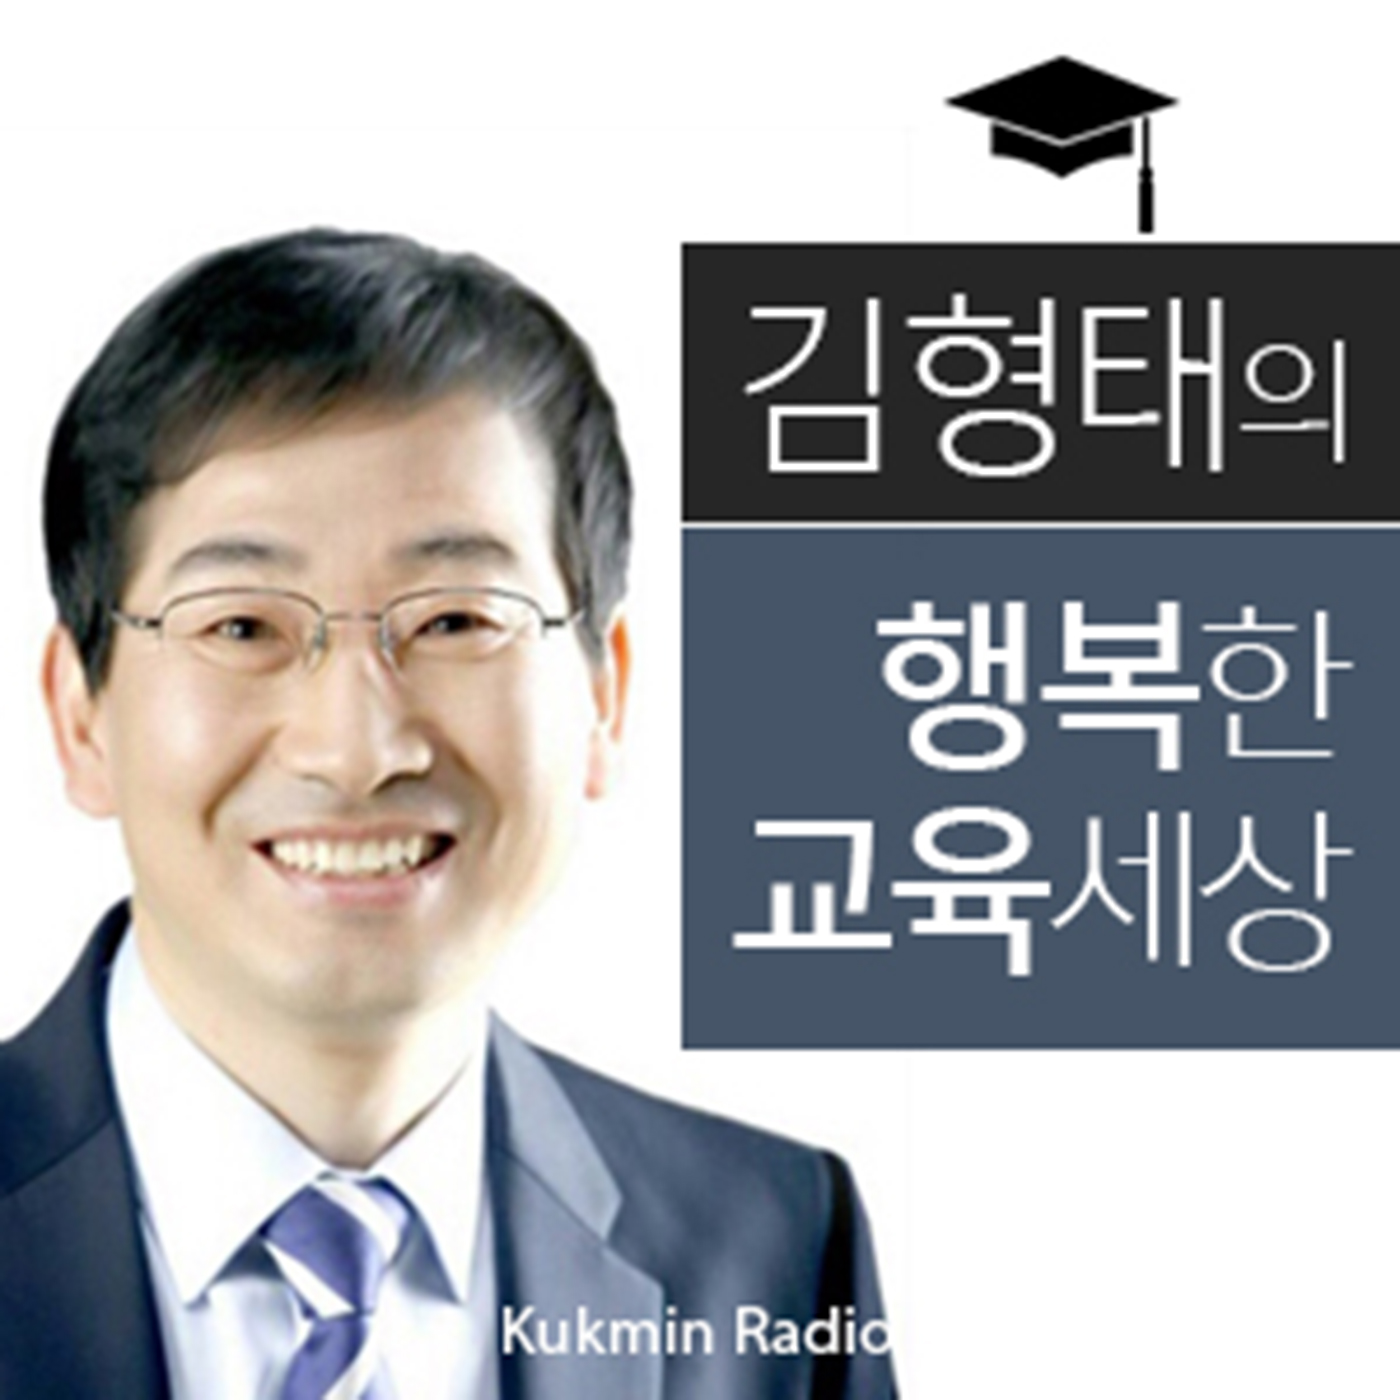 [국민라디오] 김형태의 행복한 교육세상